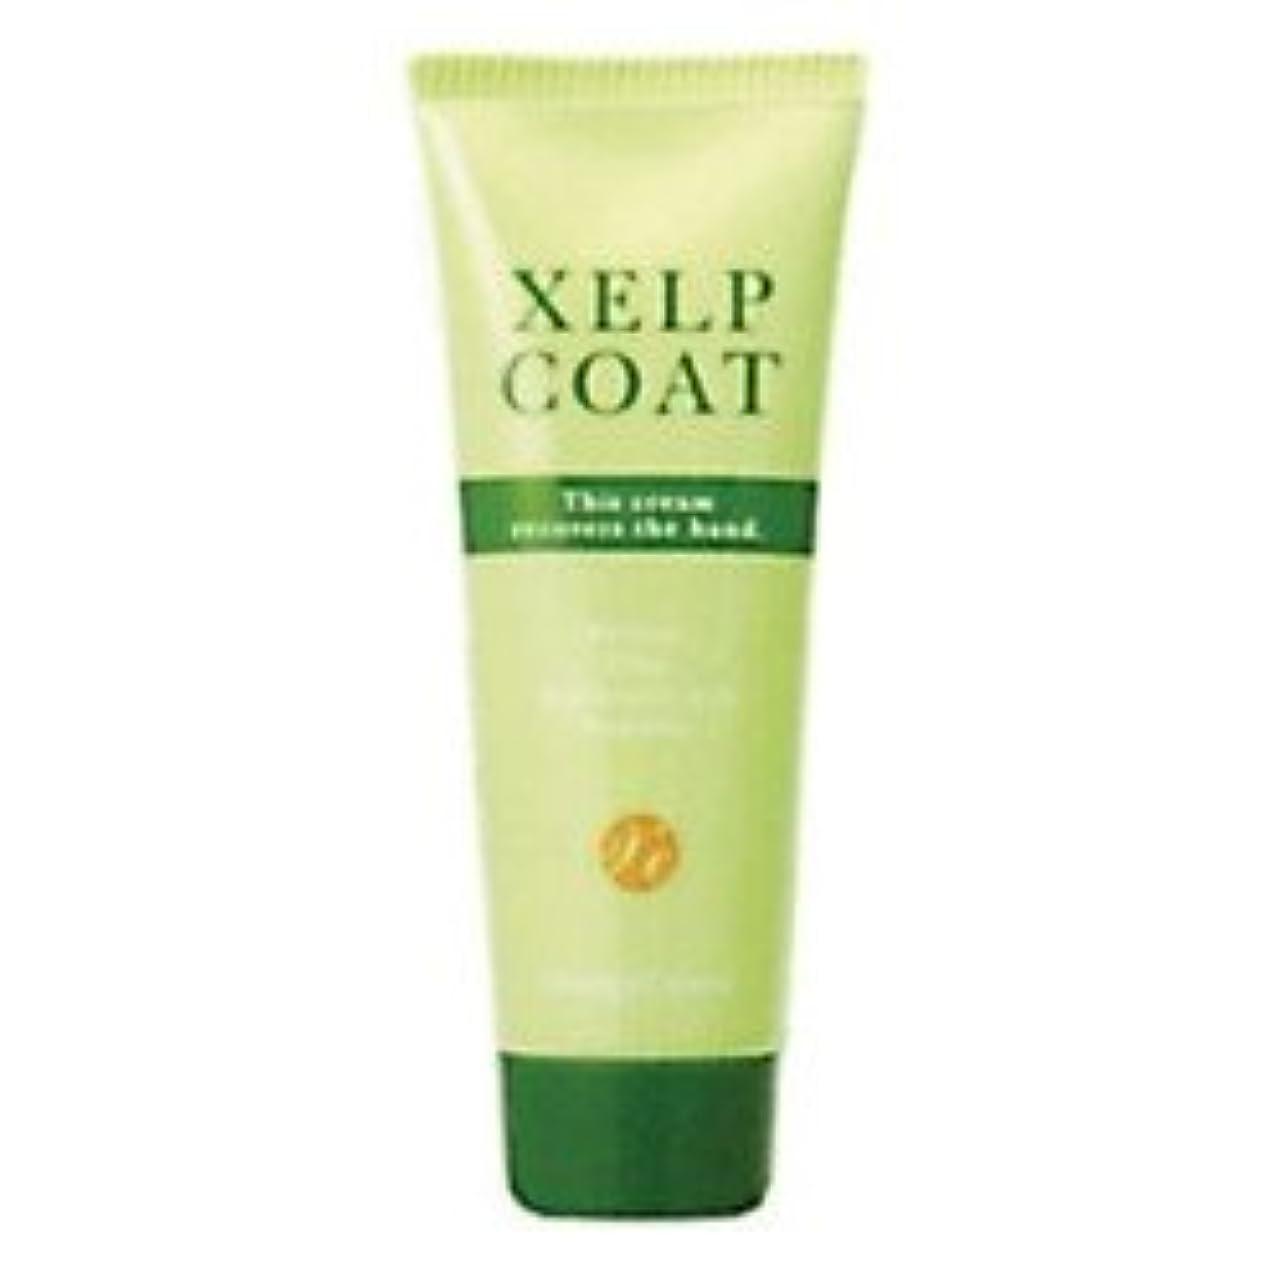 悩みワームぐるぐるケイルコート 80g XELPCOAT 美容師さんのためのハンドクリーム